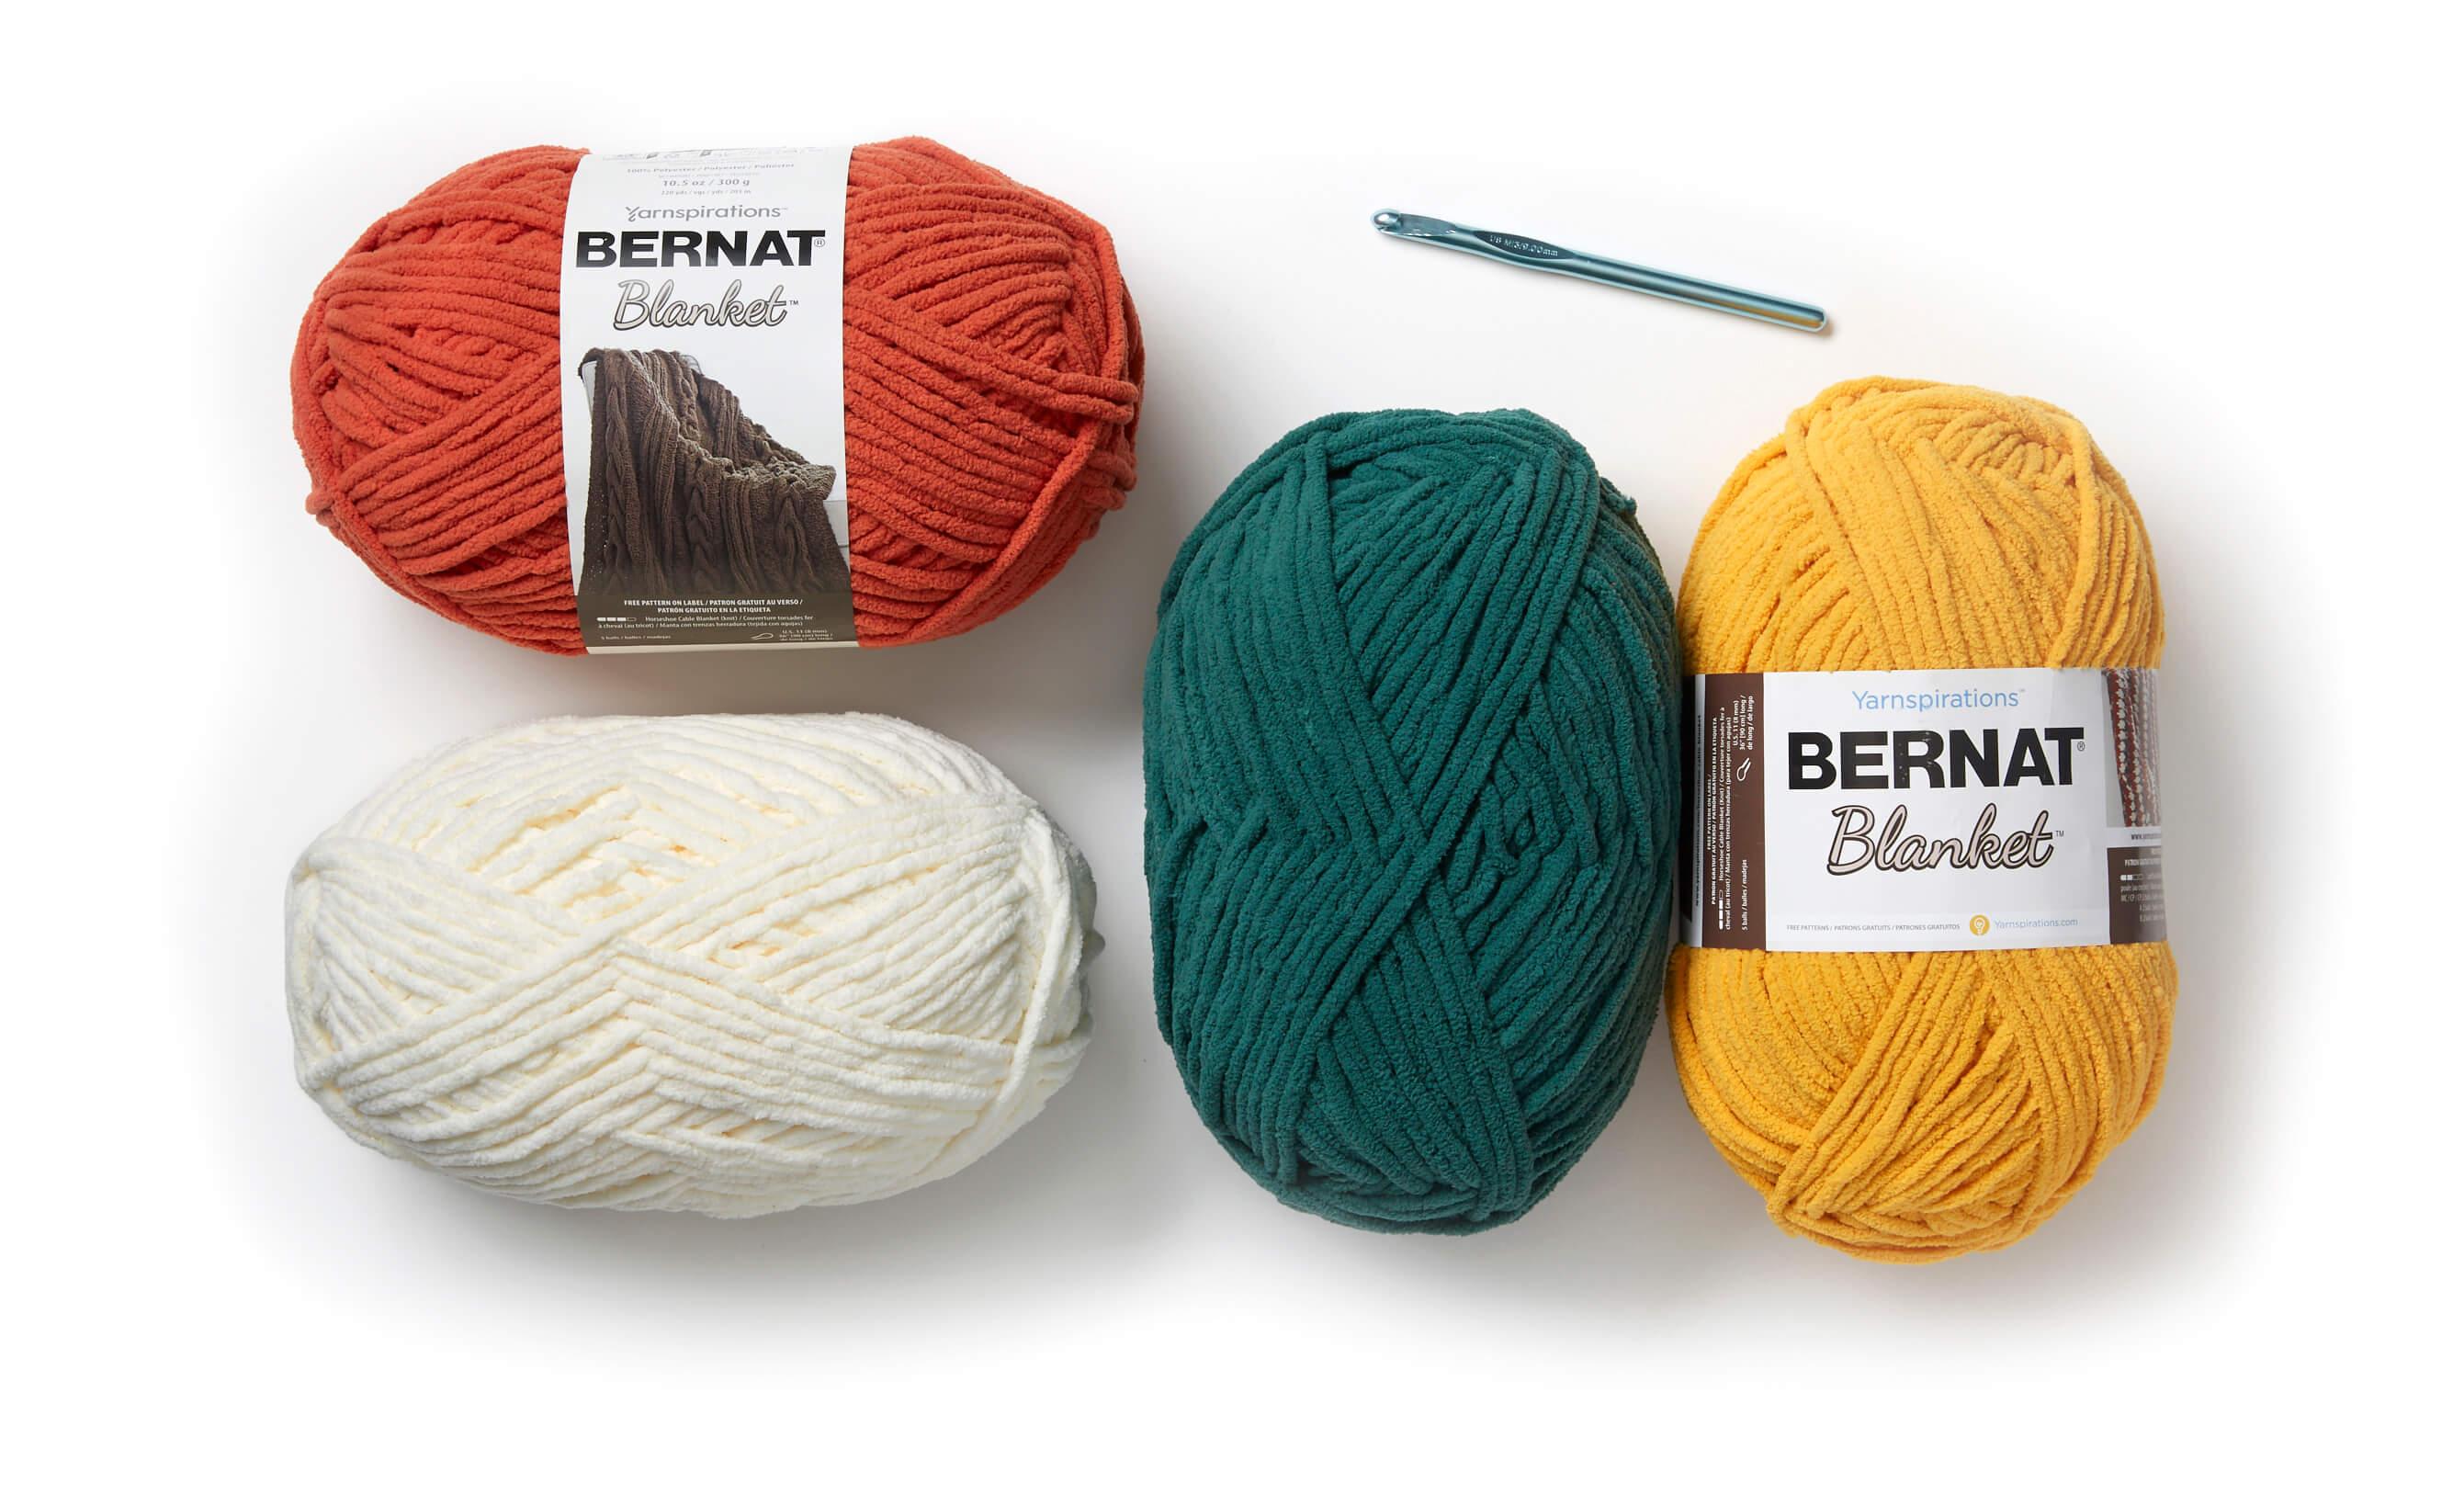 Bernat Yarn Spring Mystery Stitch Along | Stitch Along Each